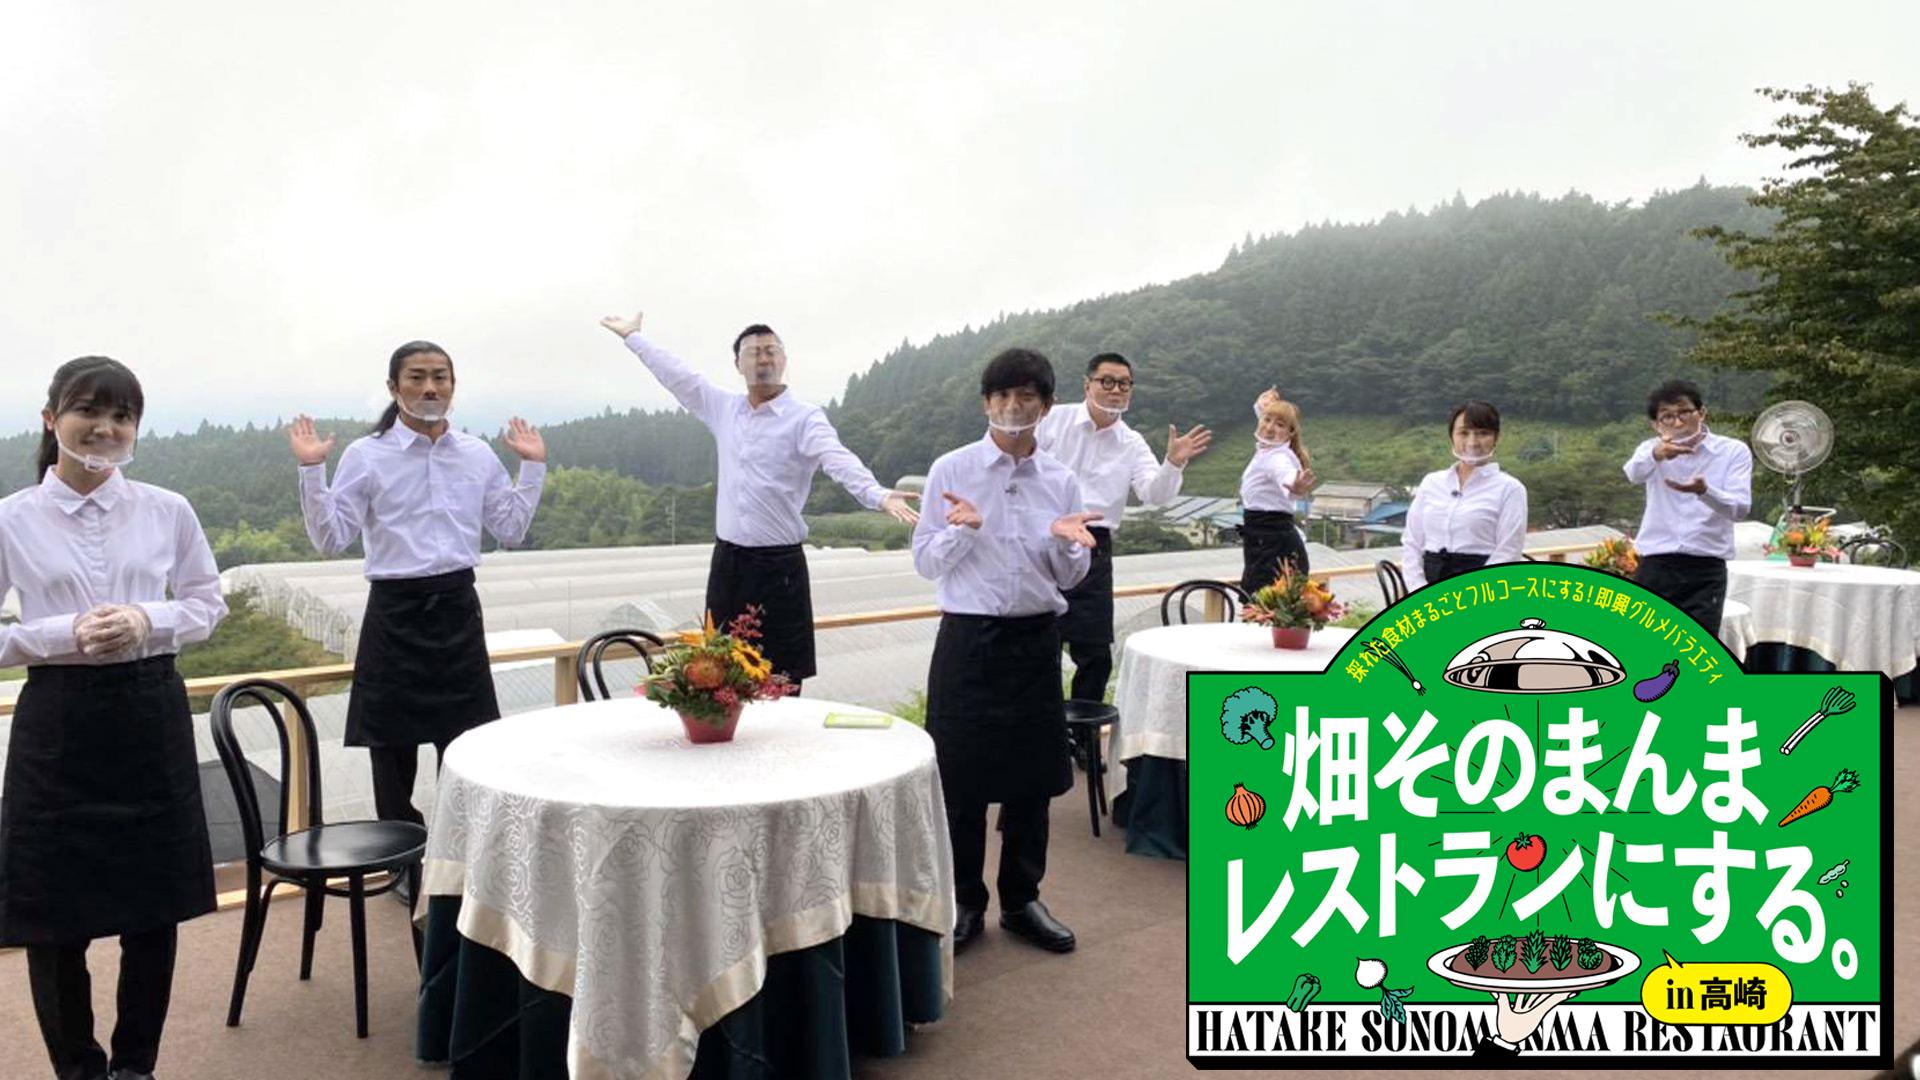 無料テレビで畑そのまんまレストランにする。in 高崎を視聴する